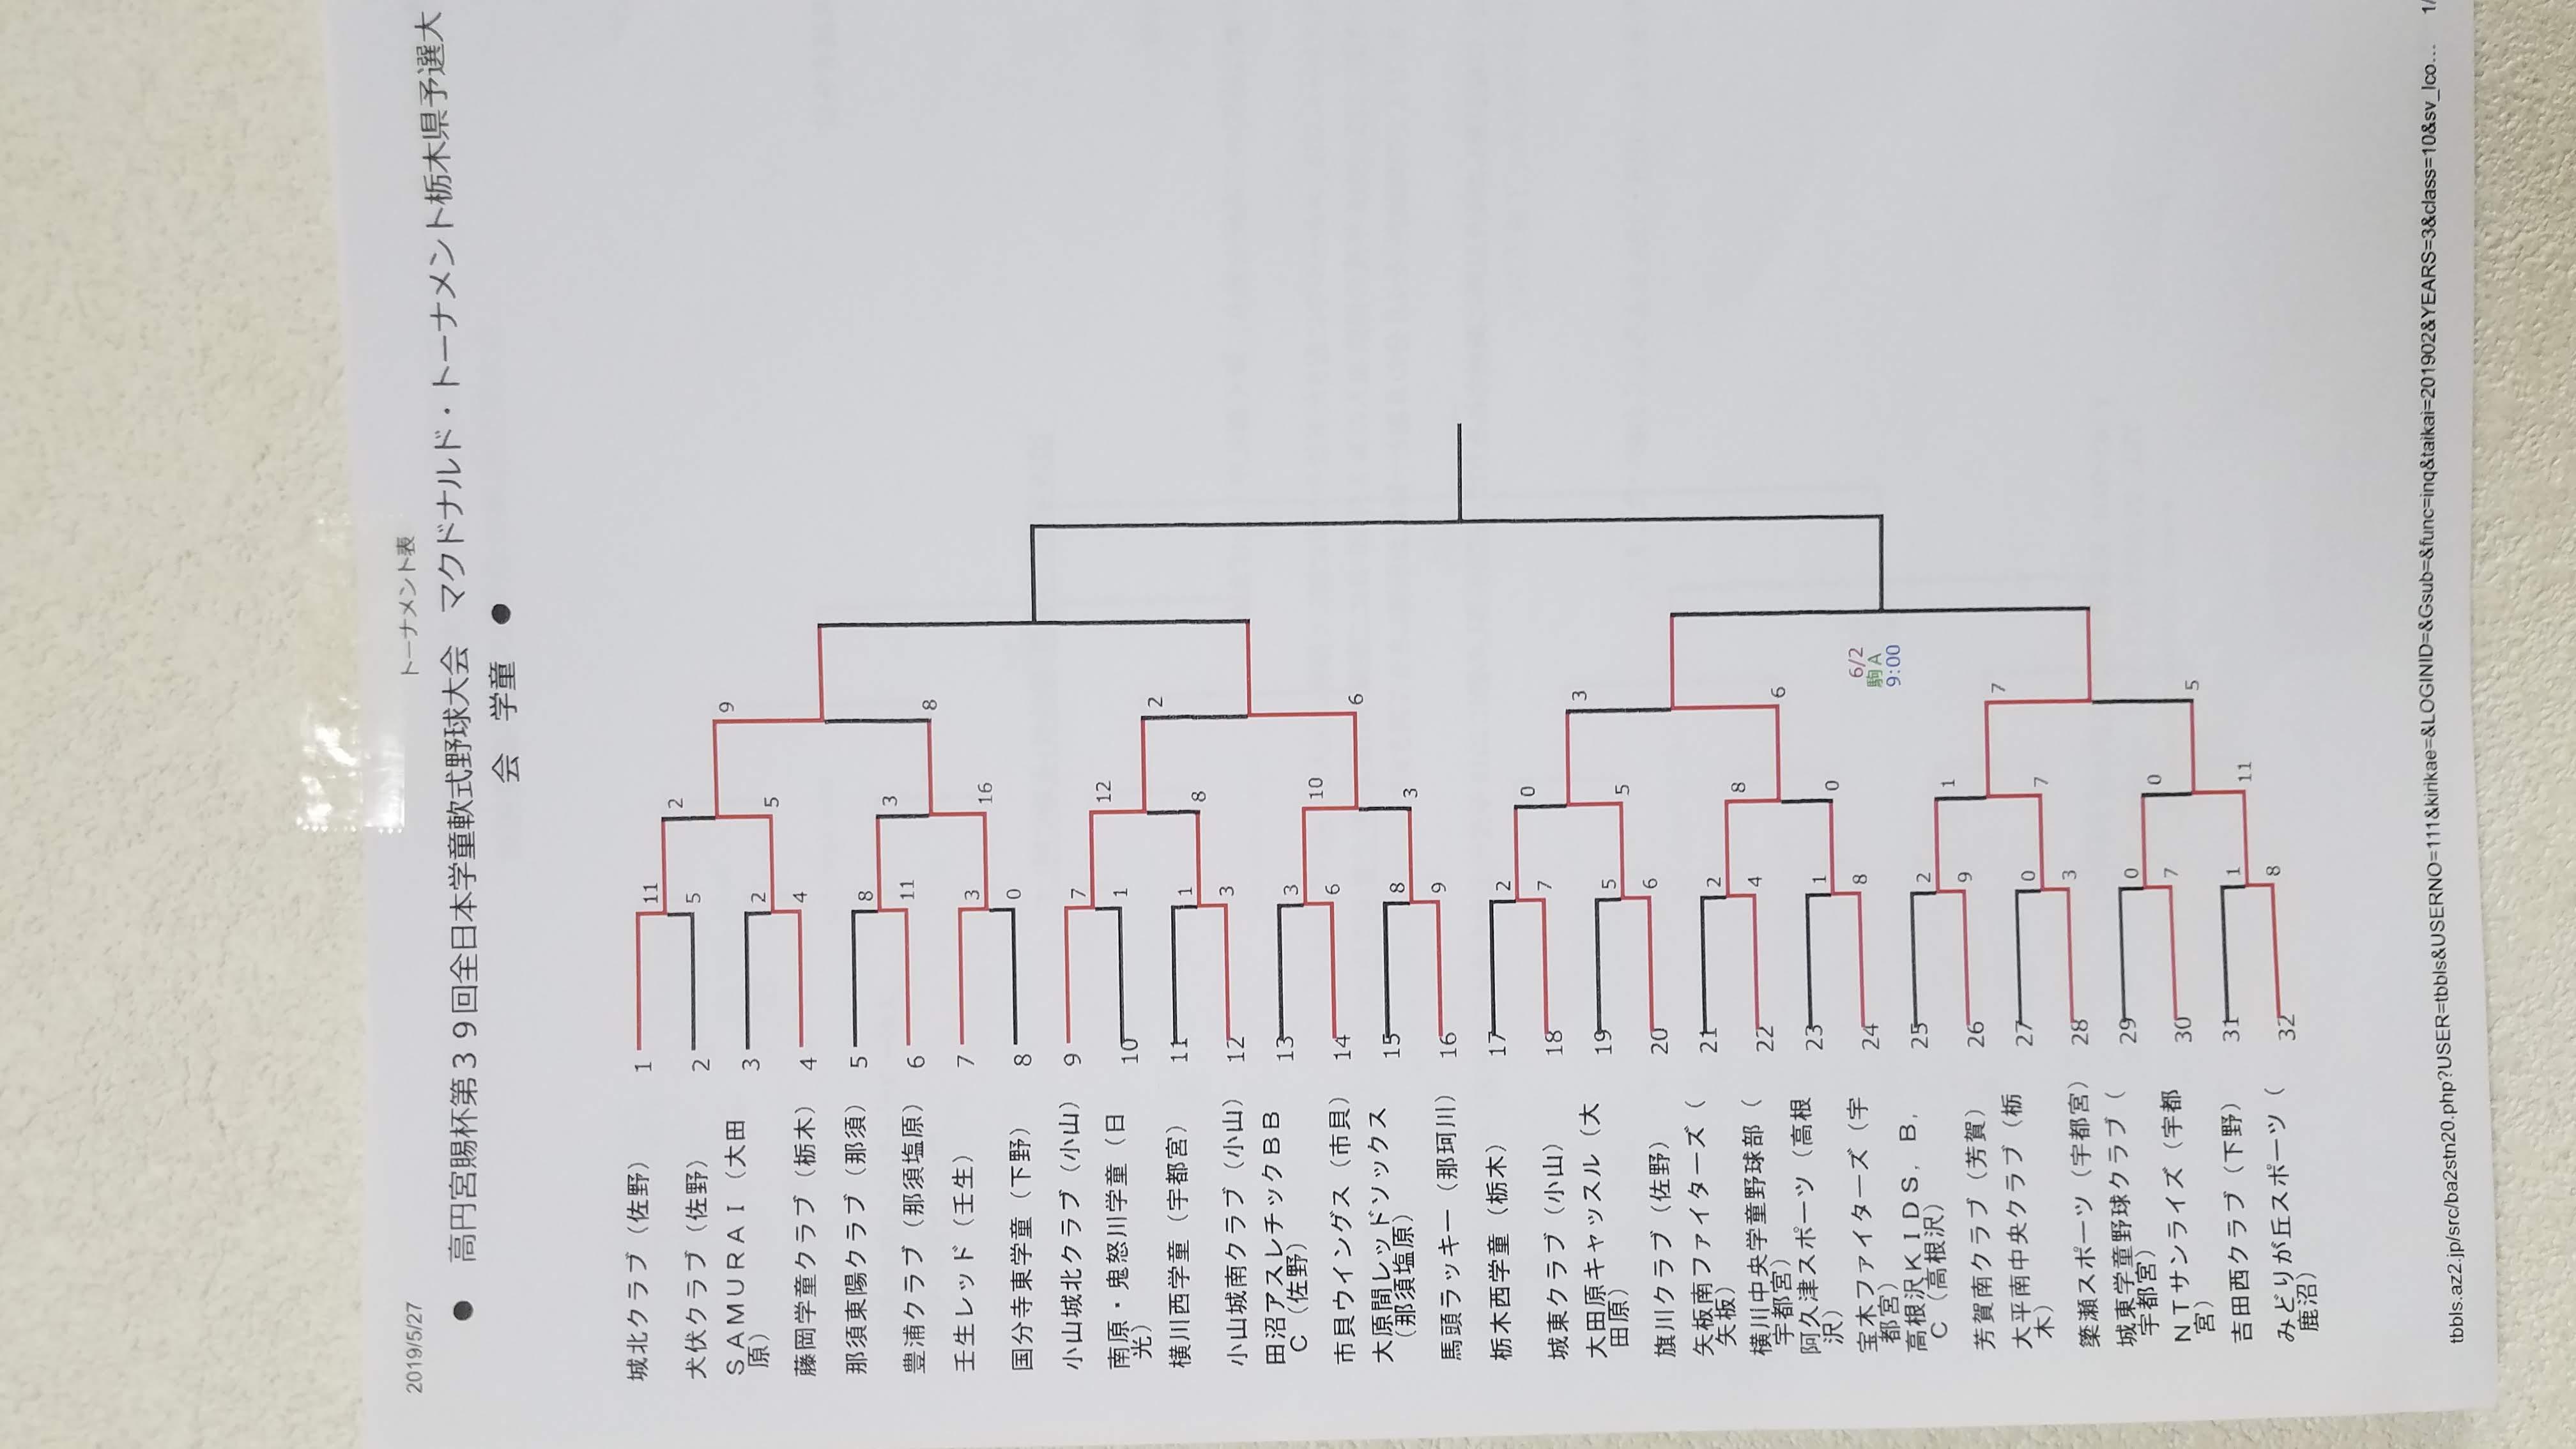 野球 軟式 高円宮 学童 39 第 大会 回 賜杯 全日本